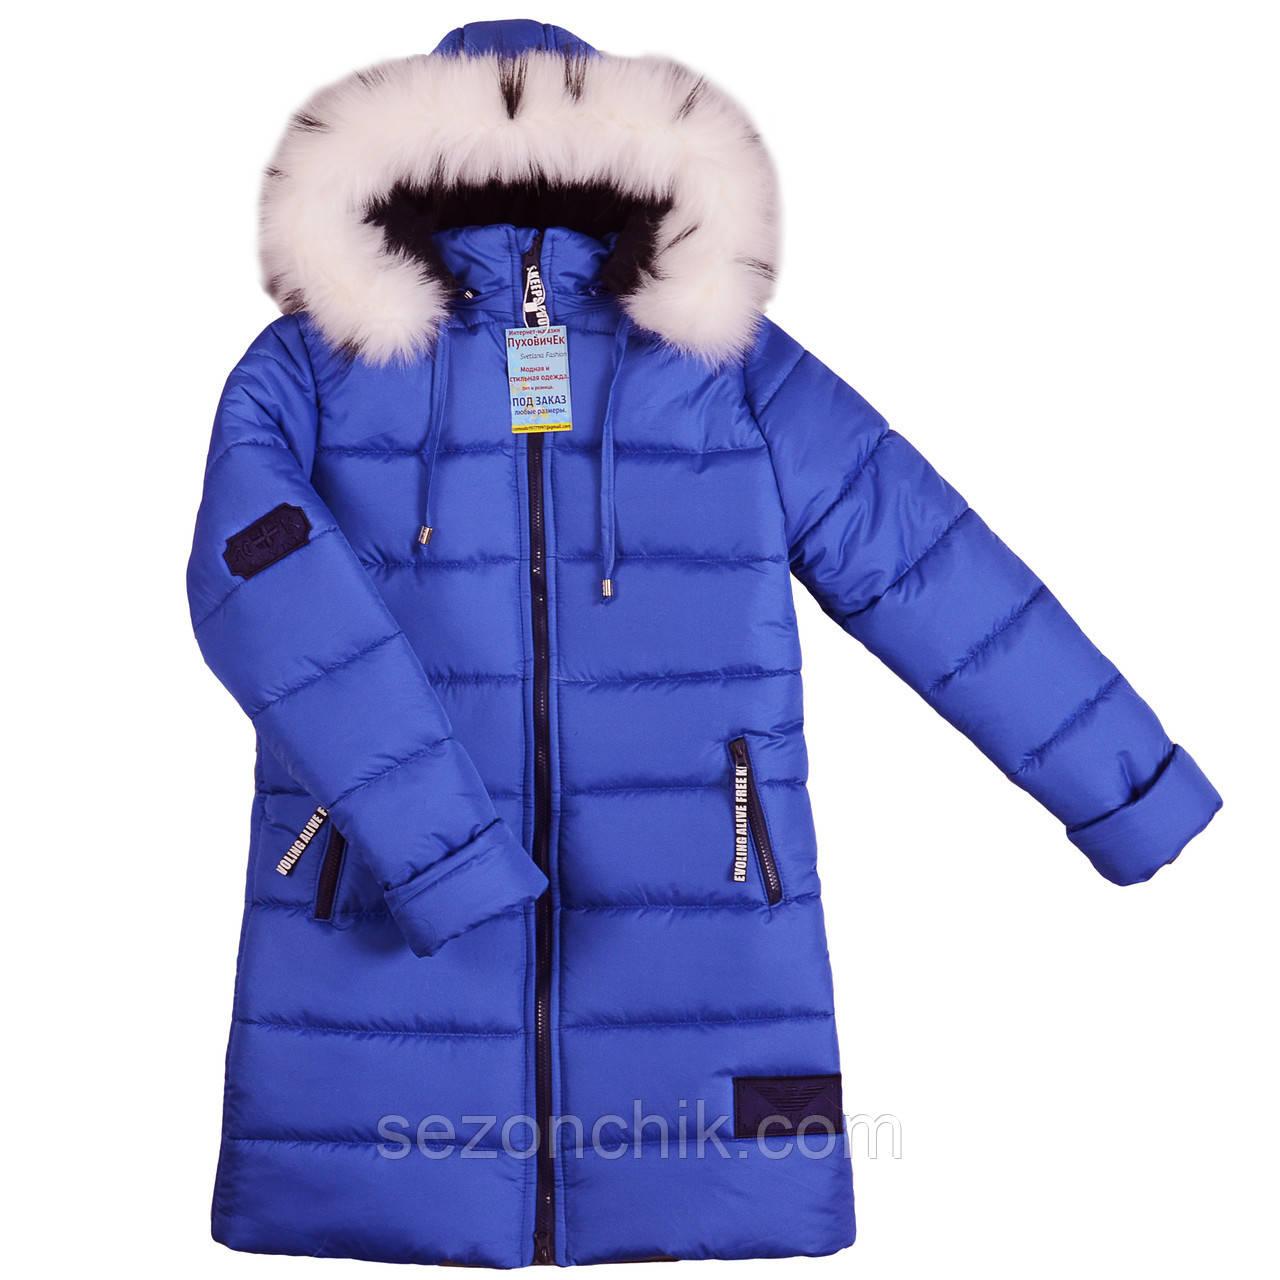 Зимняя куртка пуховик модная для девочки Украина теплая